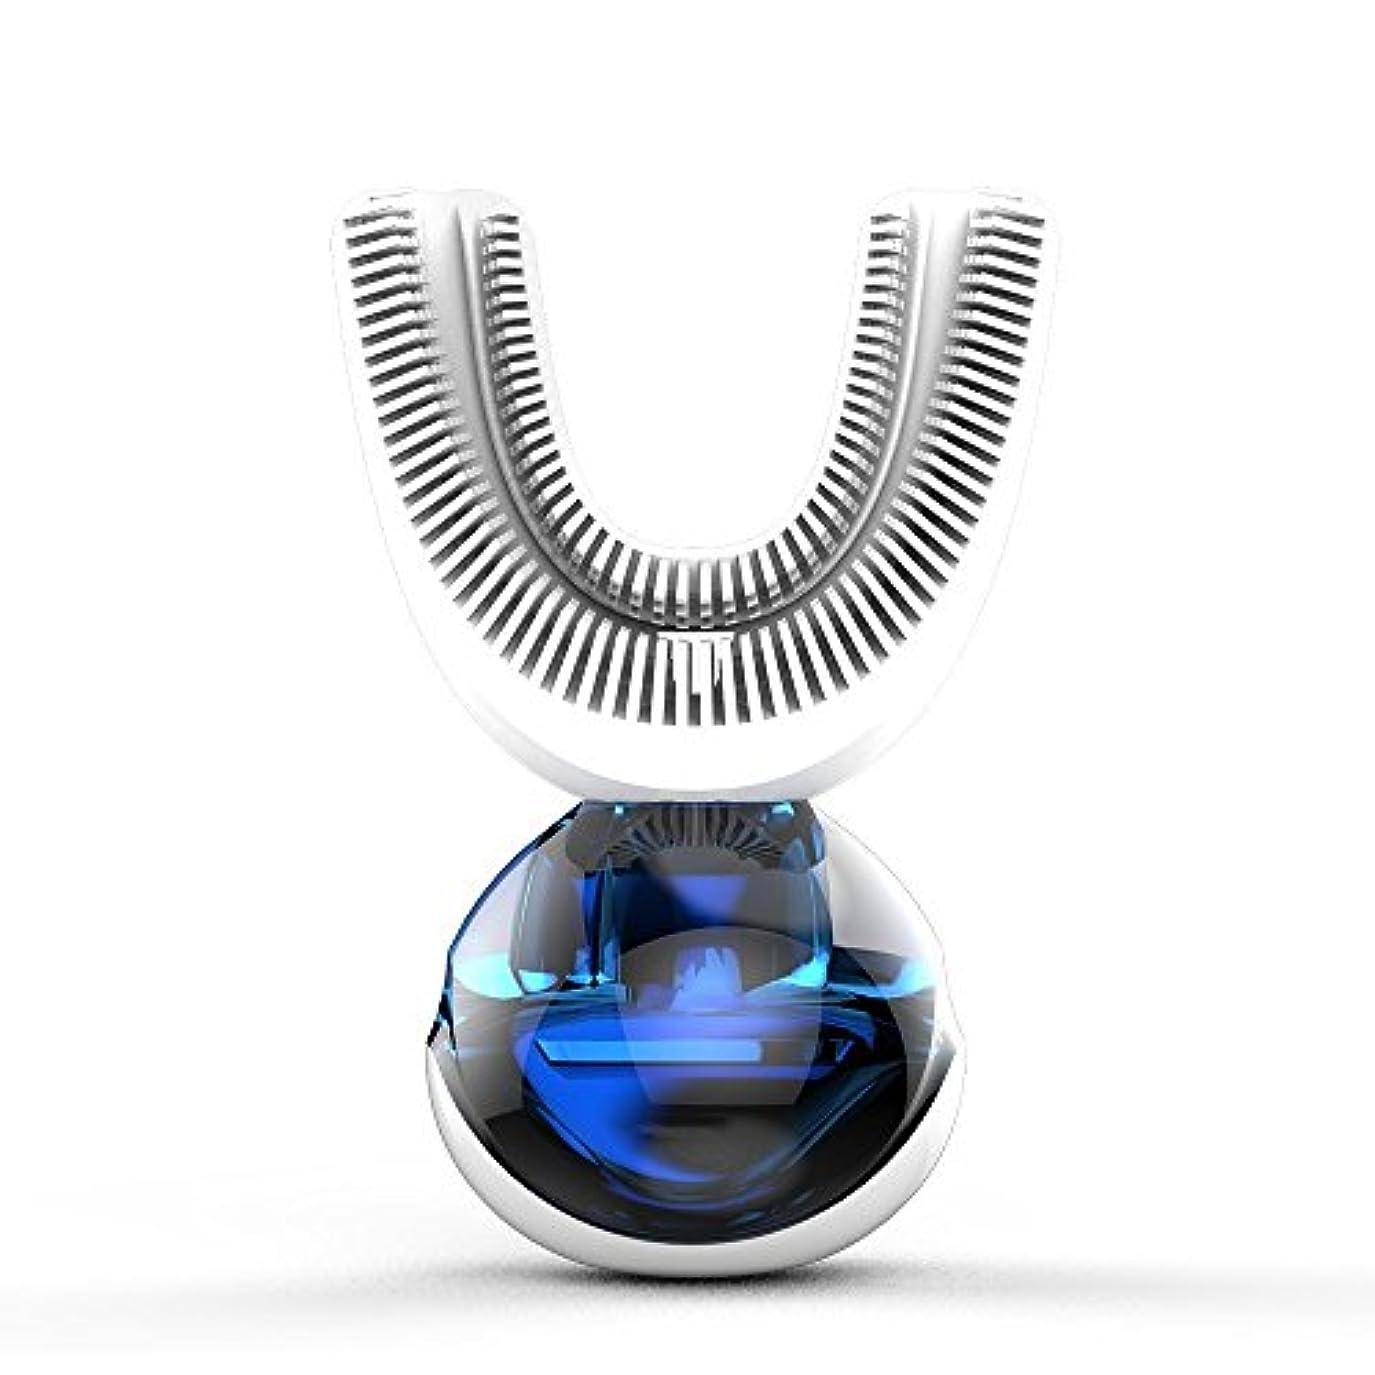 呼び出す集計注釈を付けるフルオートマチック可変周波数電動歯ブラシ、自動360度U字型電動歯ブラシ、ワイヤレス充電IPX7防水自動歯ブラシ(大人用)